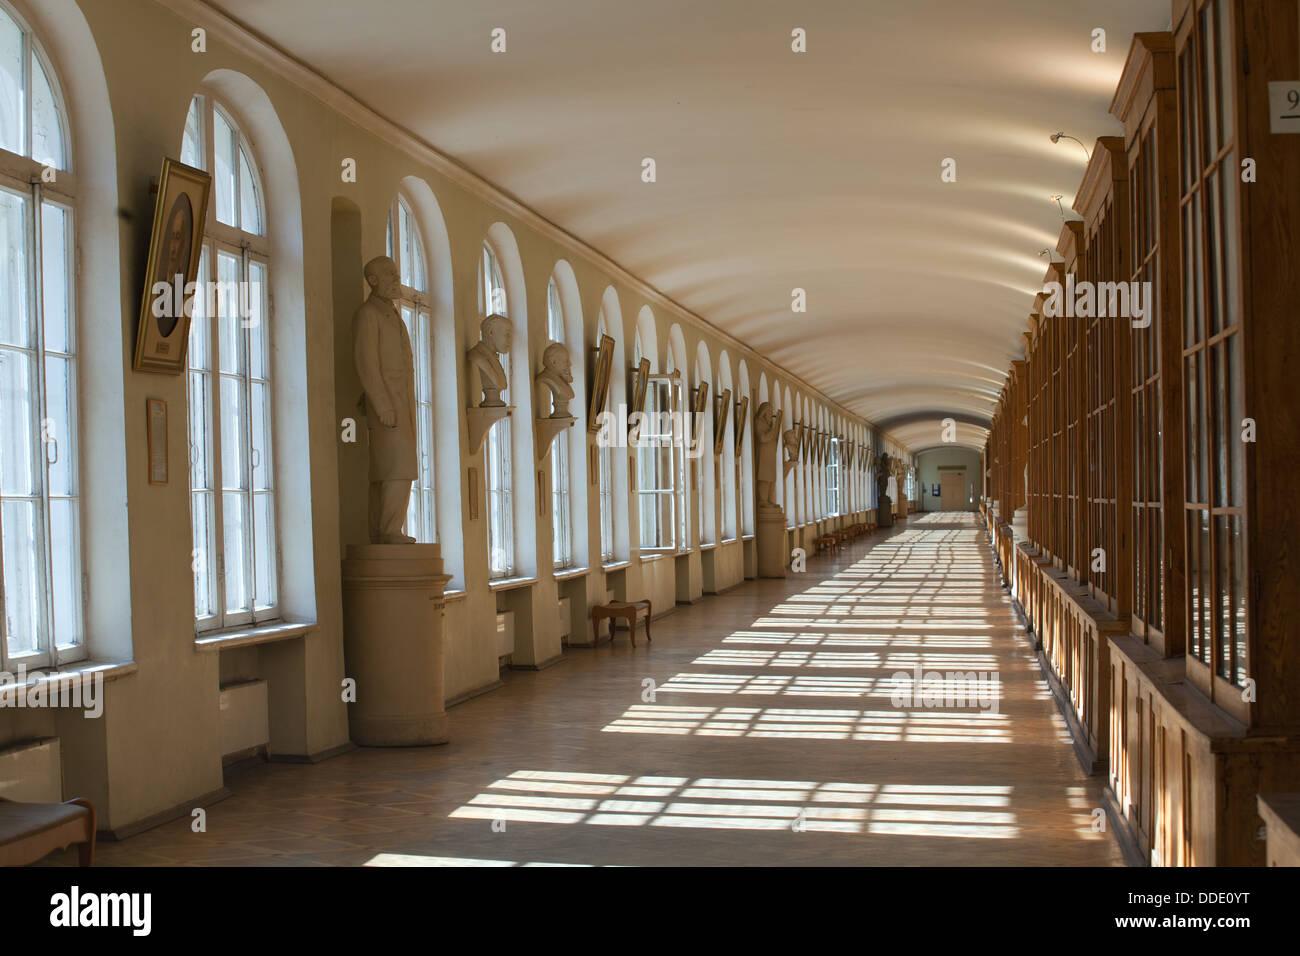 Innenraum. Das historische Gebäude der zwölf Kollegs jetzt Häuser ...